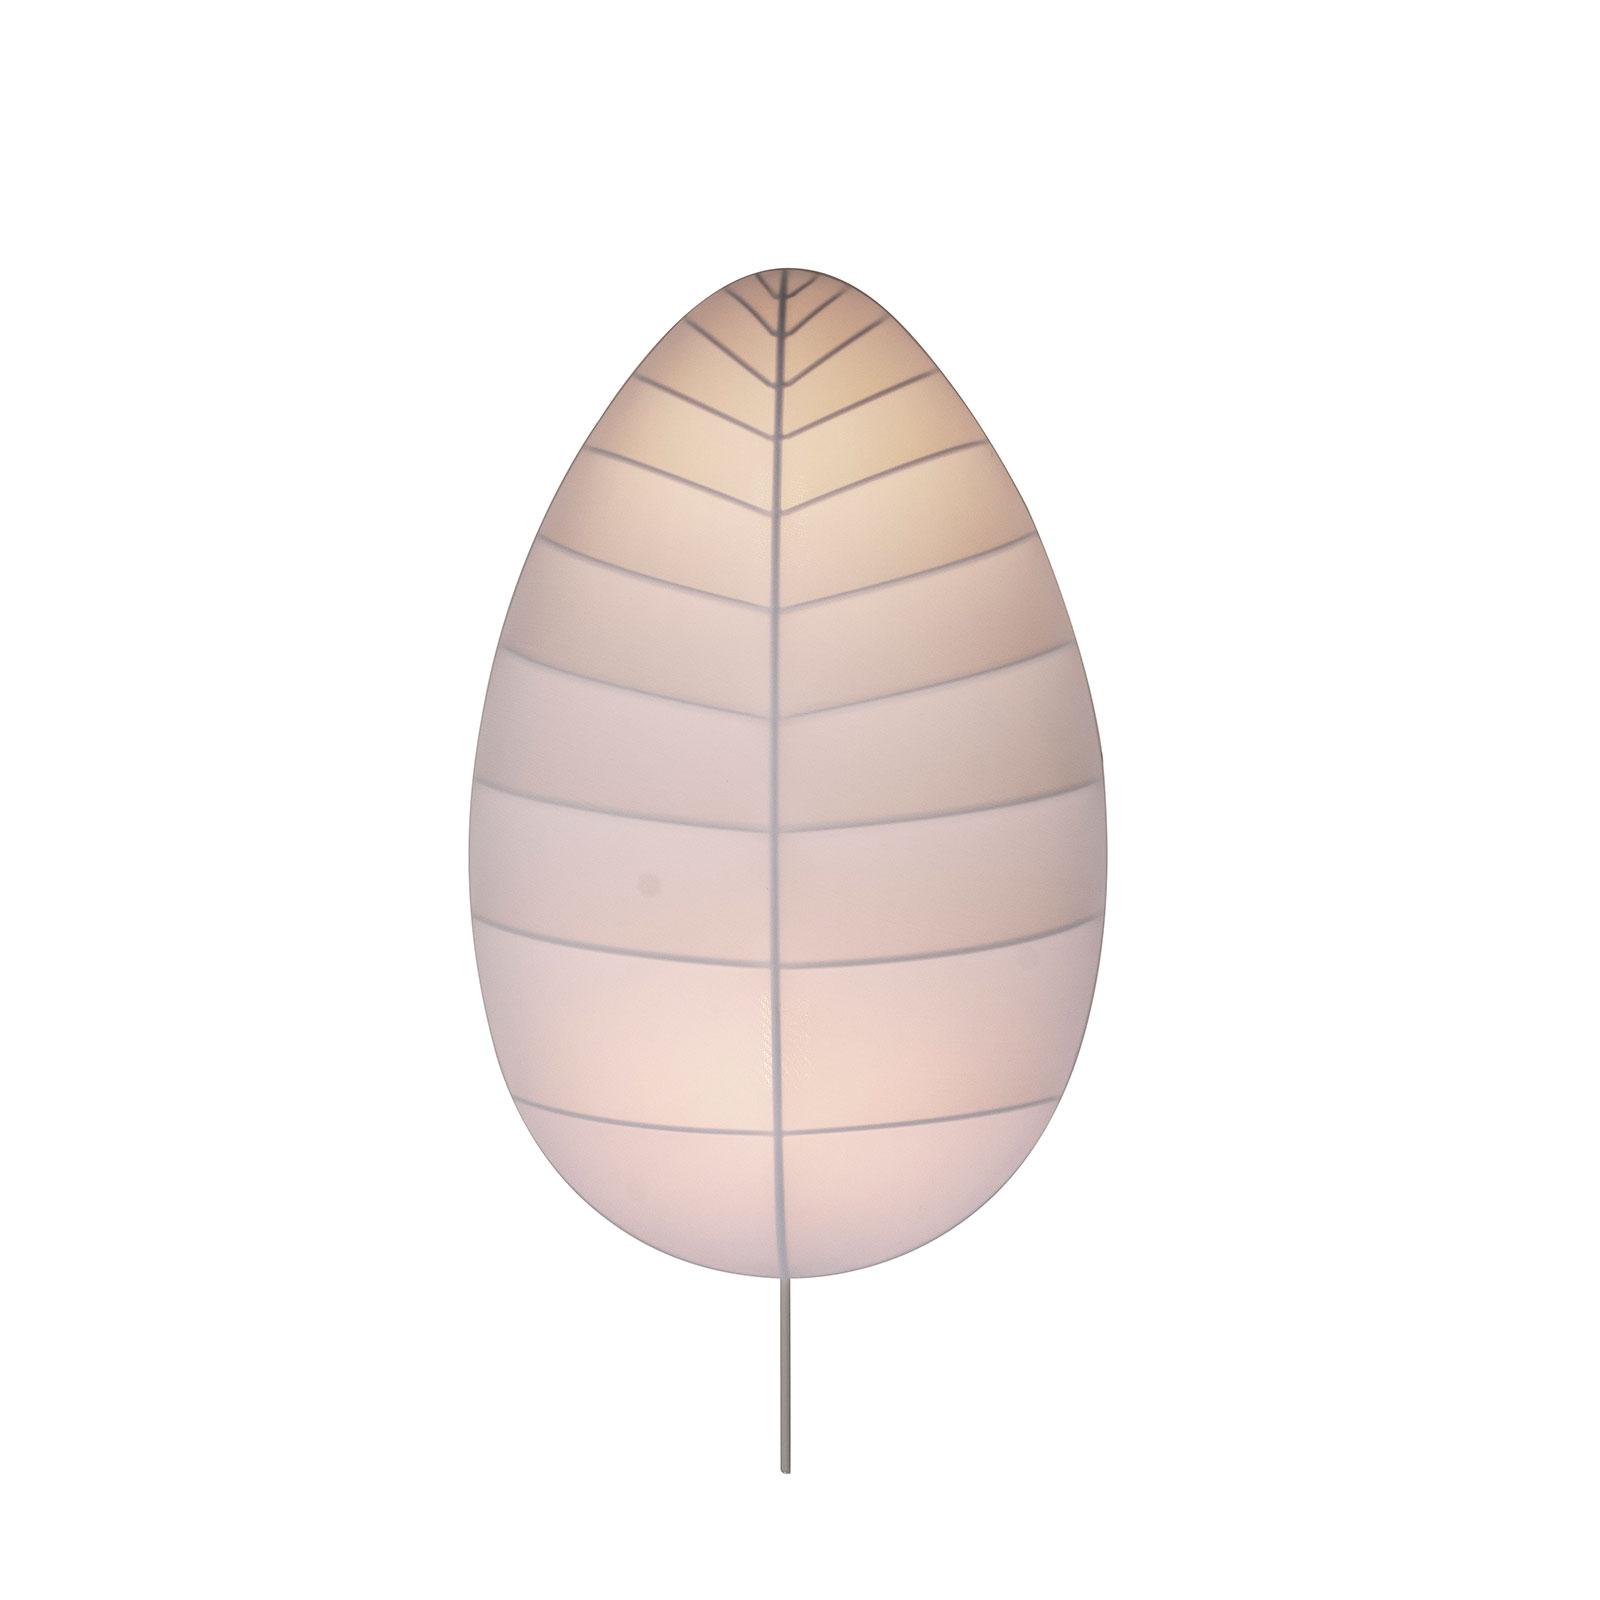 Karman wandlamp Adamo van kunststofvezel